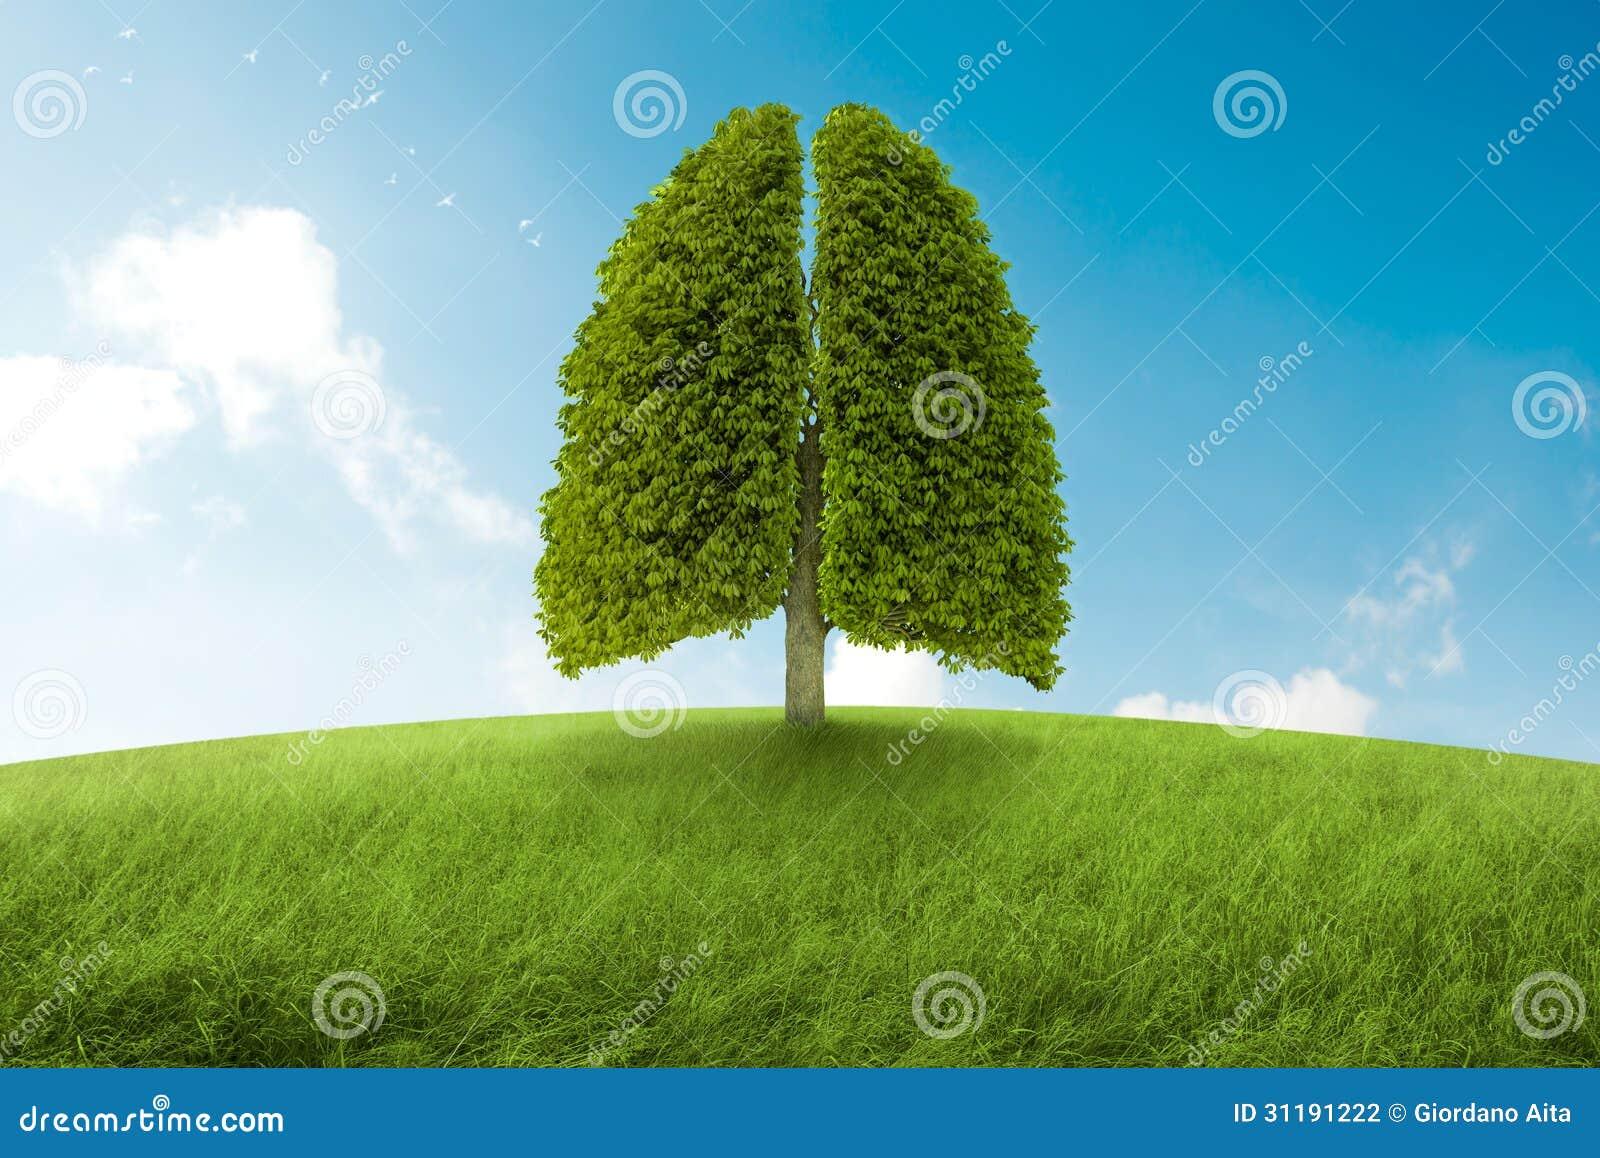 Οι πνεύμονες της γης απεικόνιση αποθεμάτων. εικονογραφία από έννοια ... d5b73b13bfe